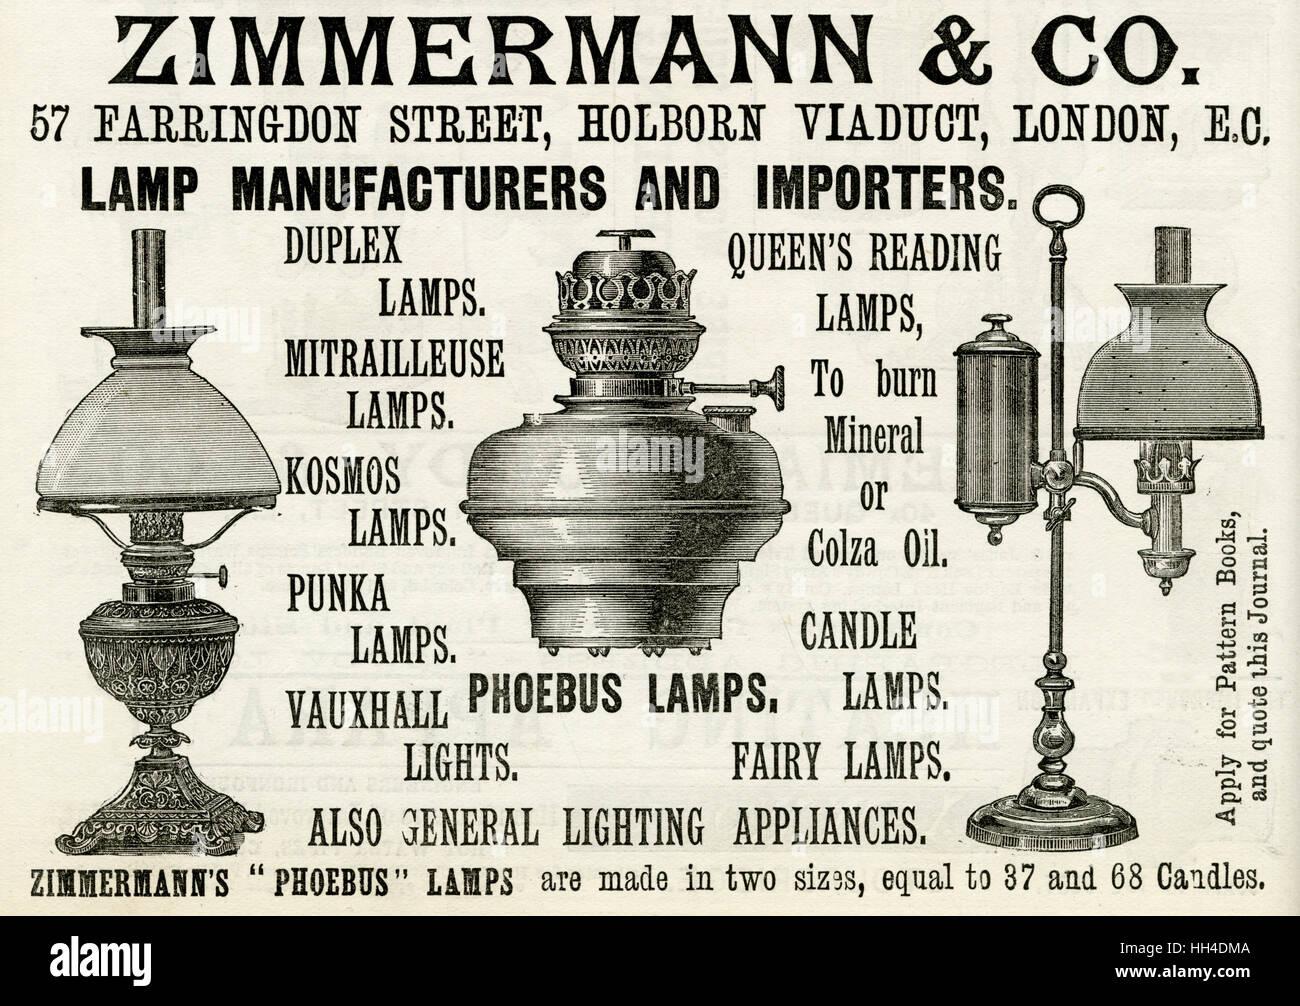 Zimmermann Co Lampe Hersteller Und Importeure Stockfoto Bild